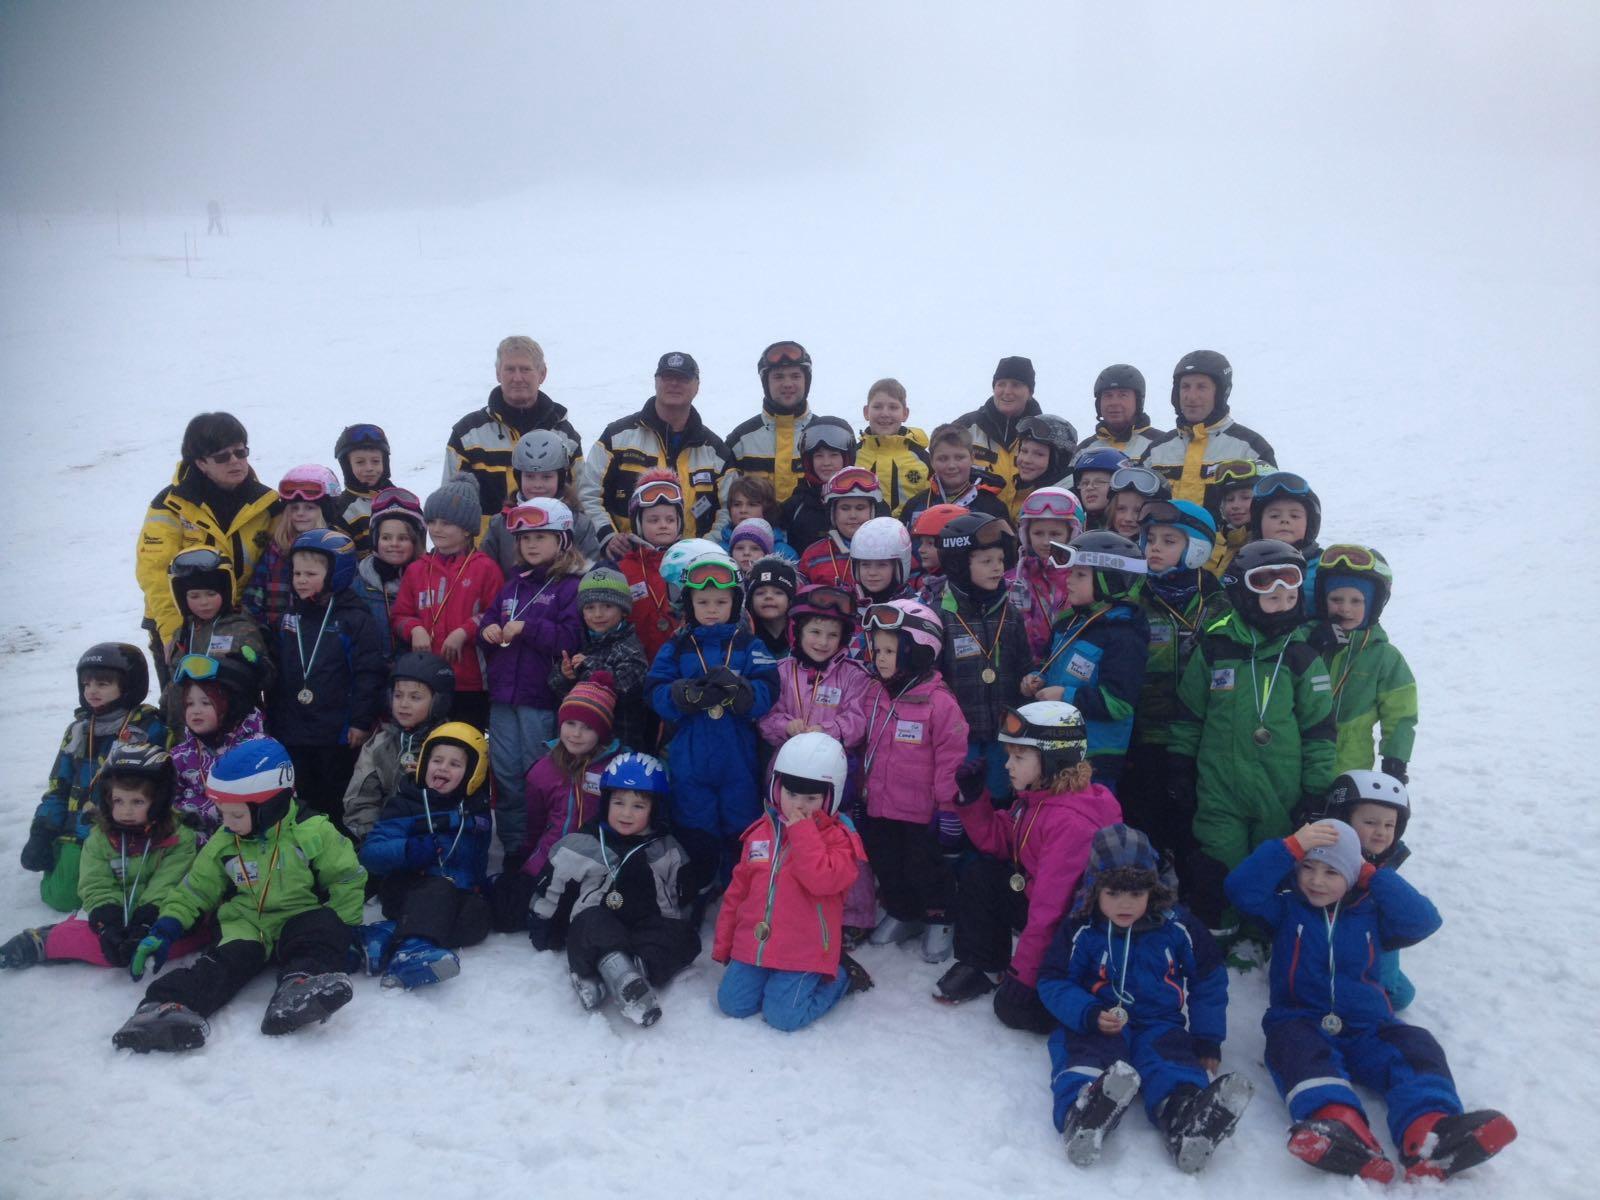 Grupperfoto Skikurs2  49 Kinder und Skilehrer